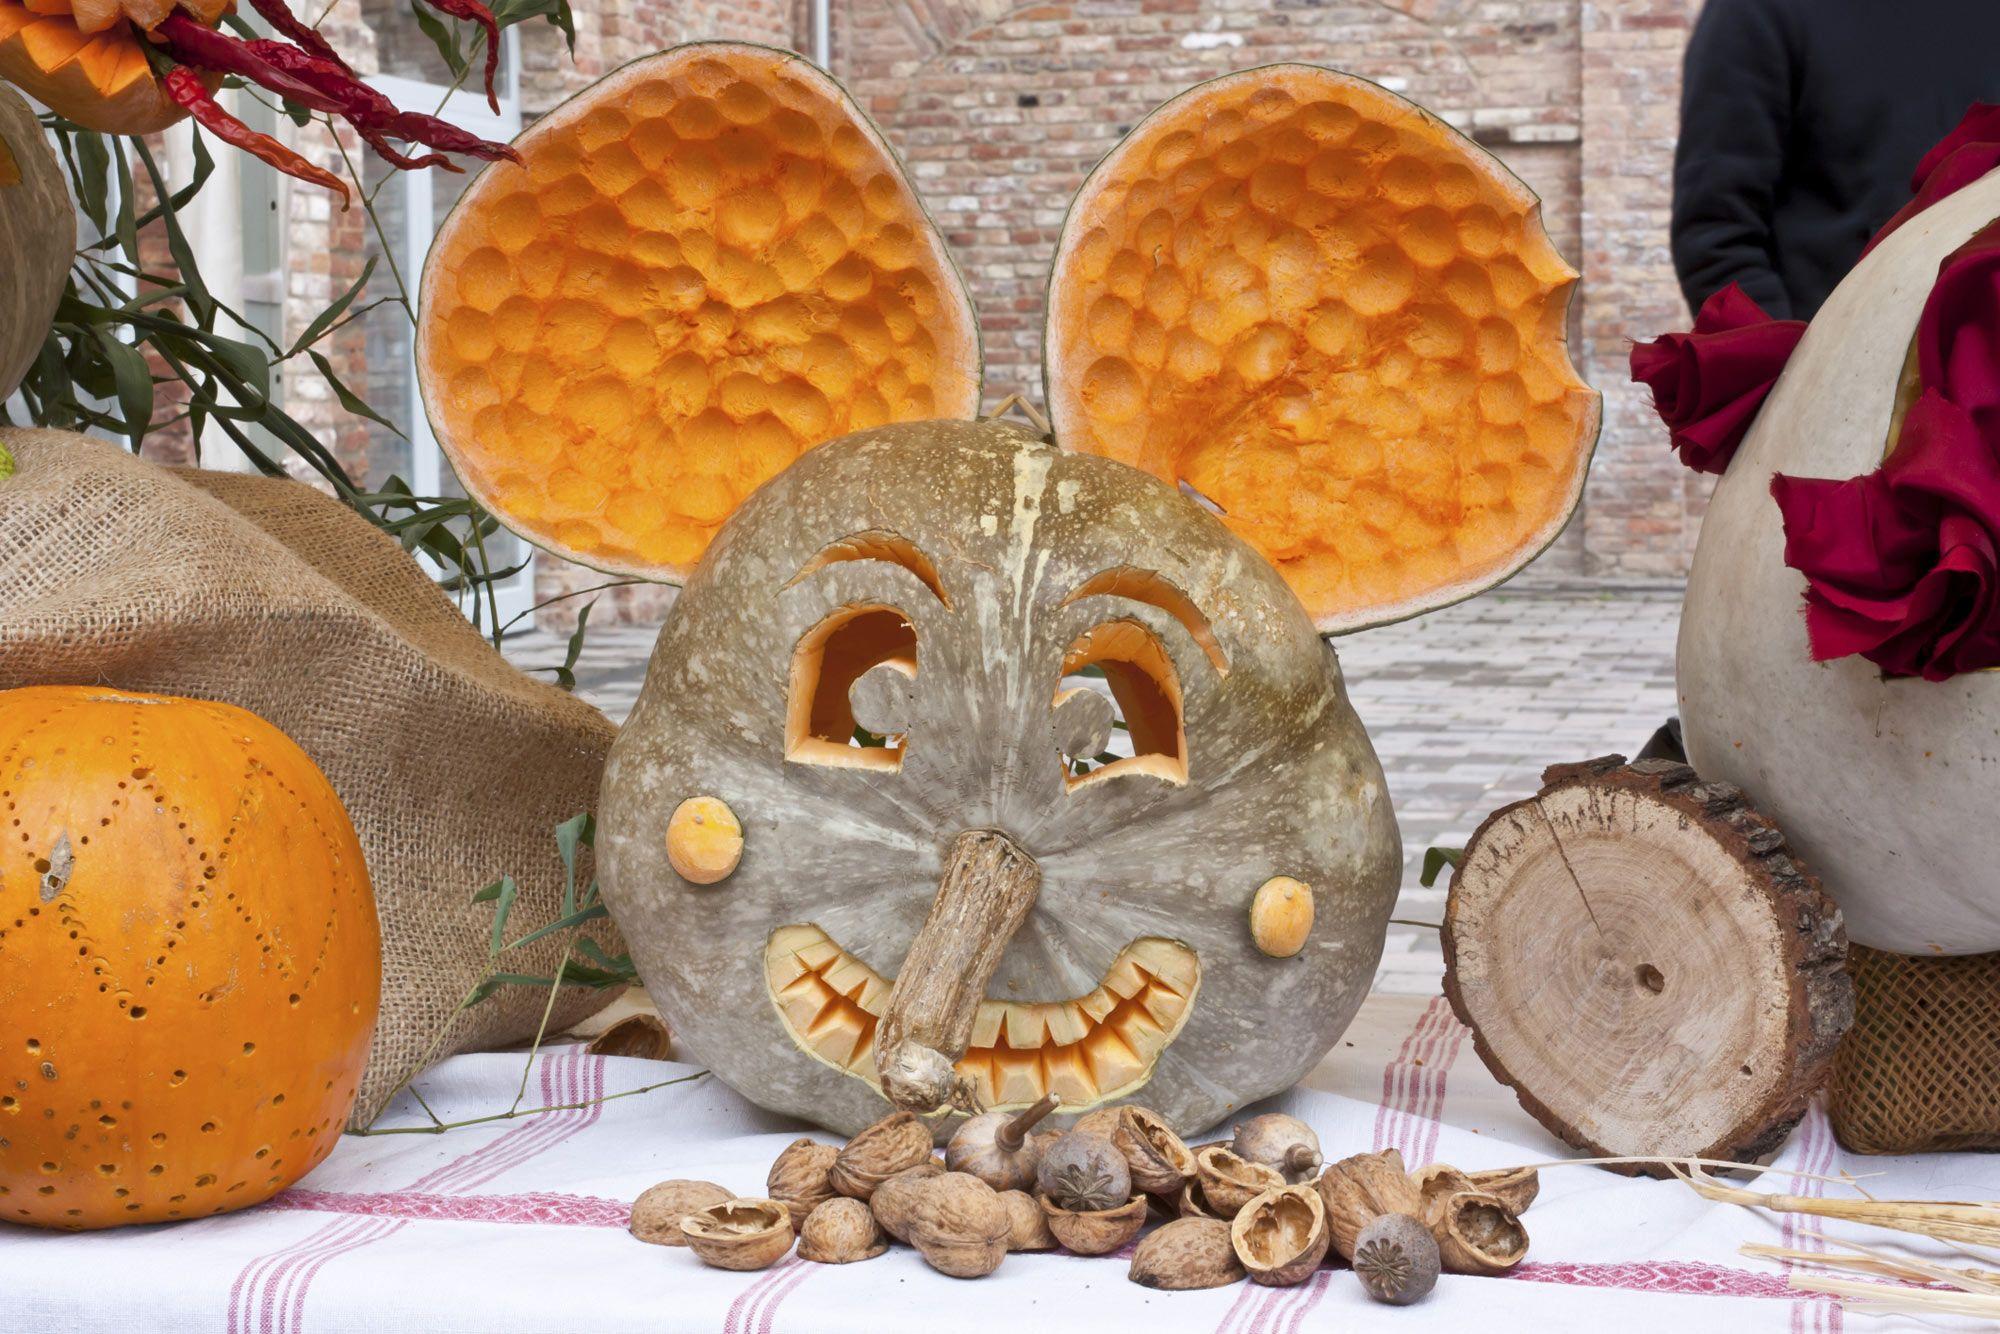 Calabaza con forma de cara de ratón